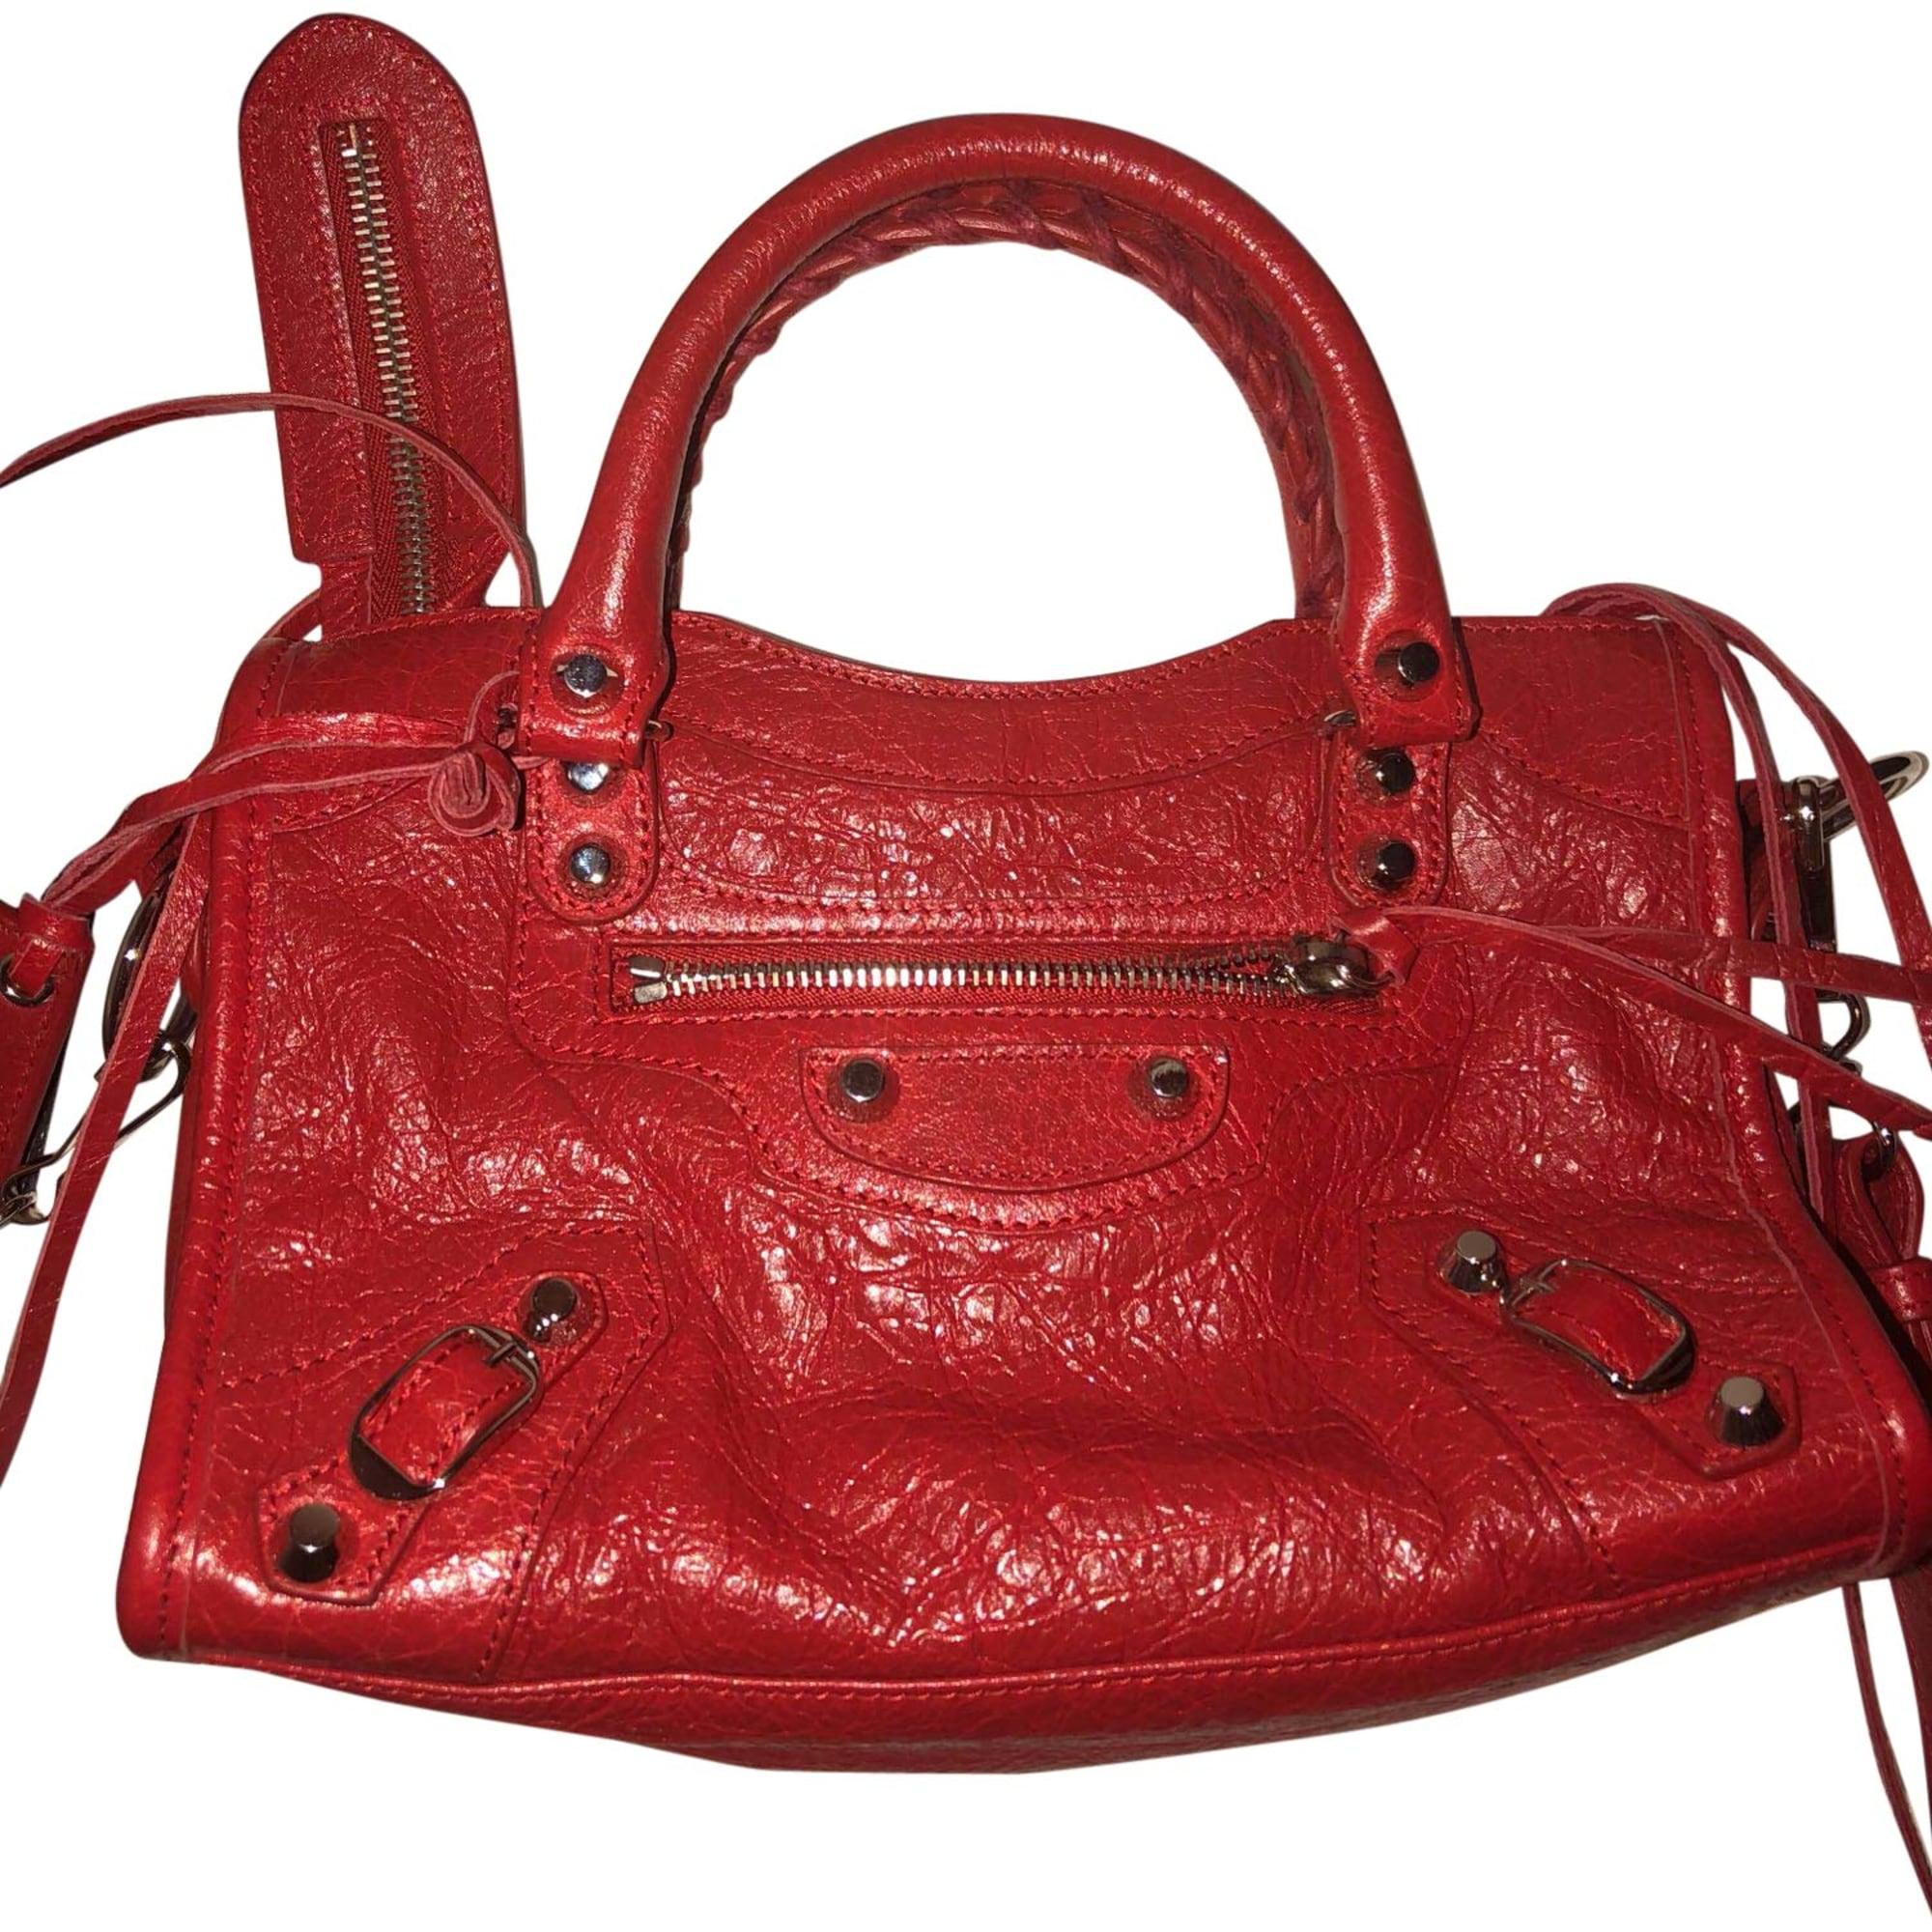 En Vendu Sandrine Par Sac Cuir Balenciaga Rouge Bandoulière jAL4R35